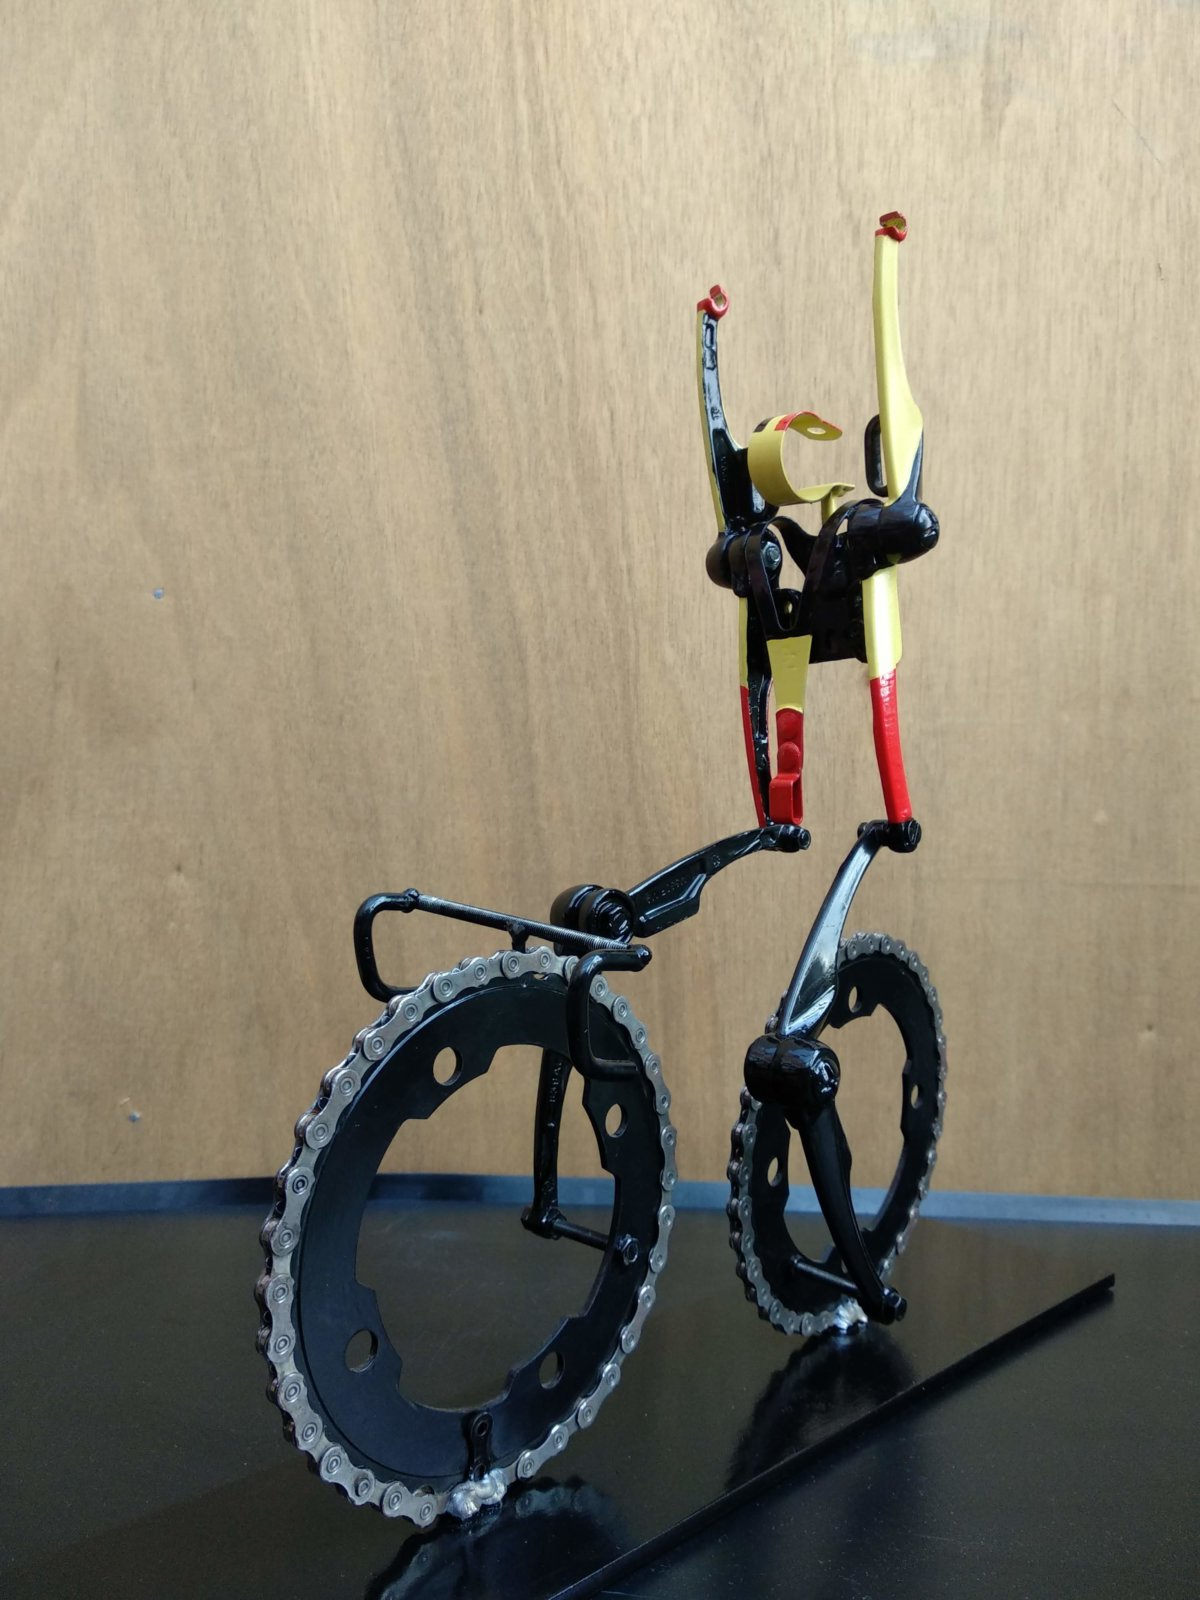 Fiets Sculptuur De Renner Met Handen Omhoog Created By Decreatievelink